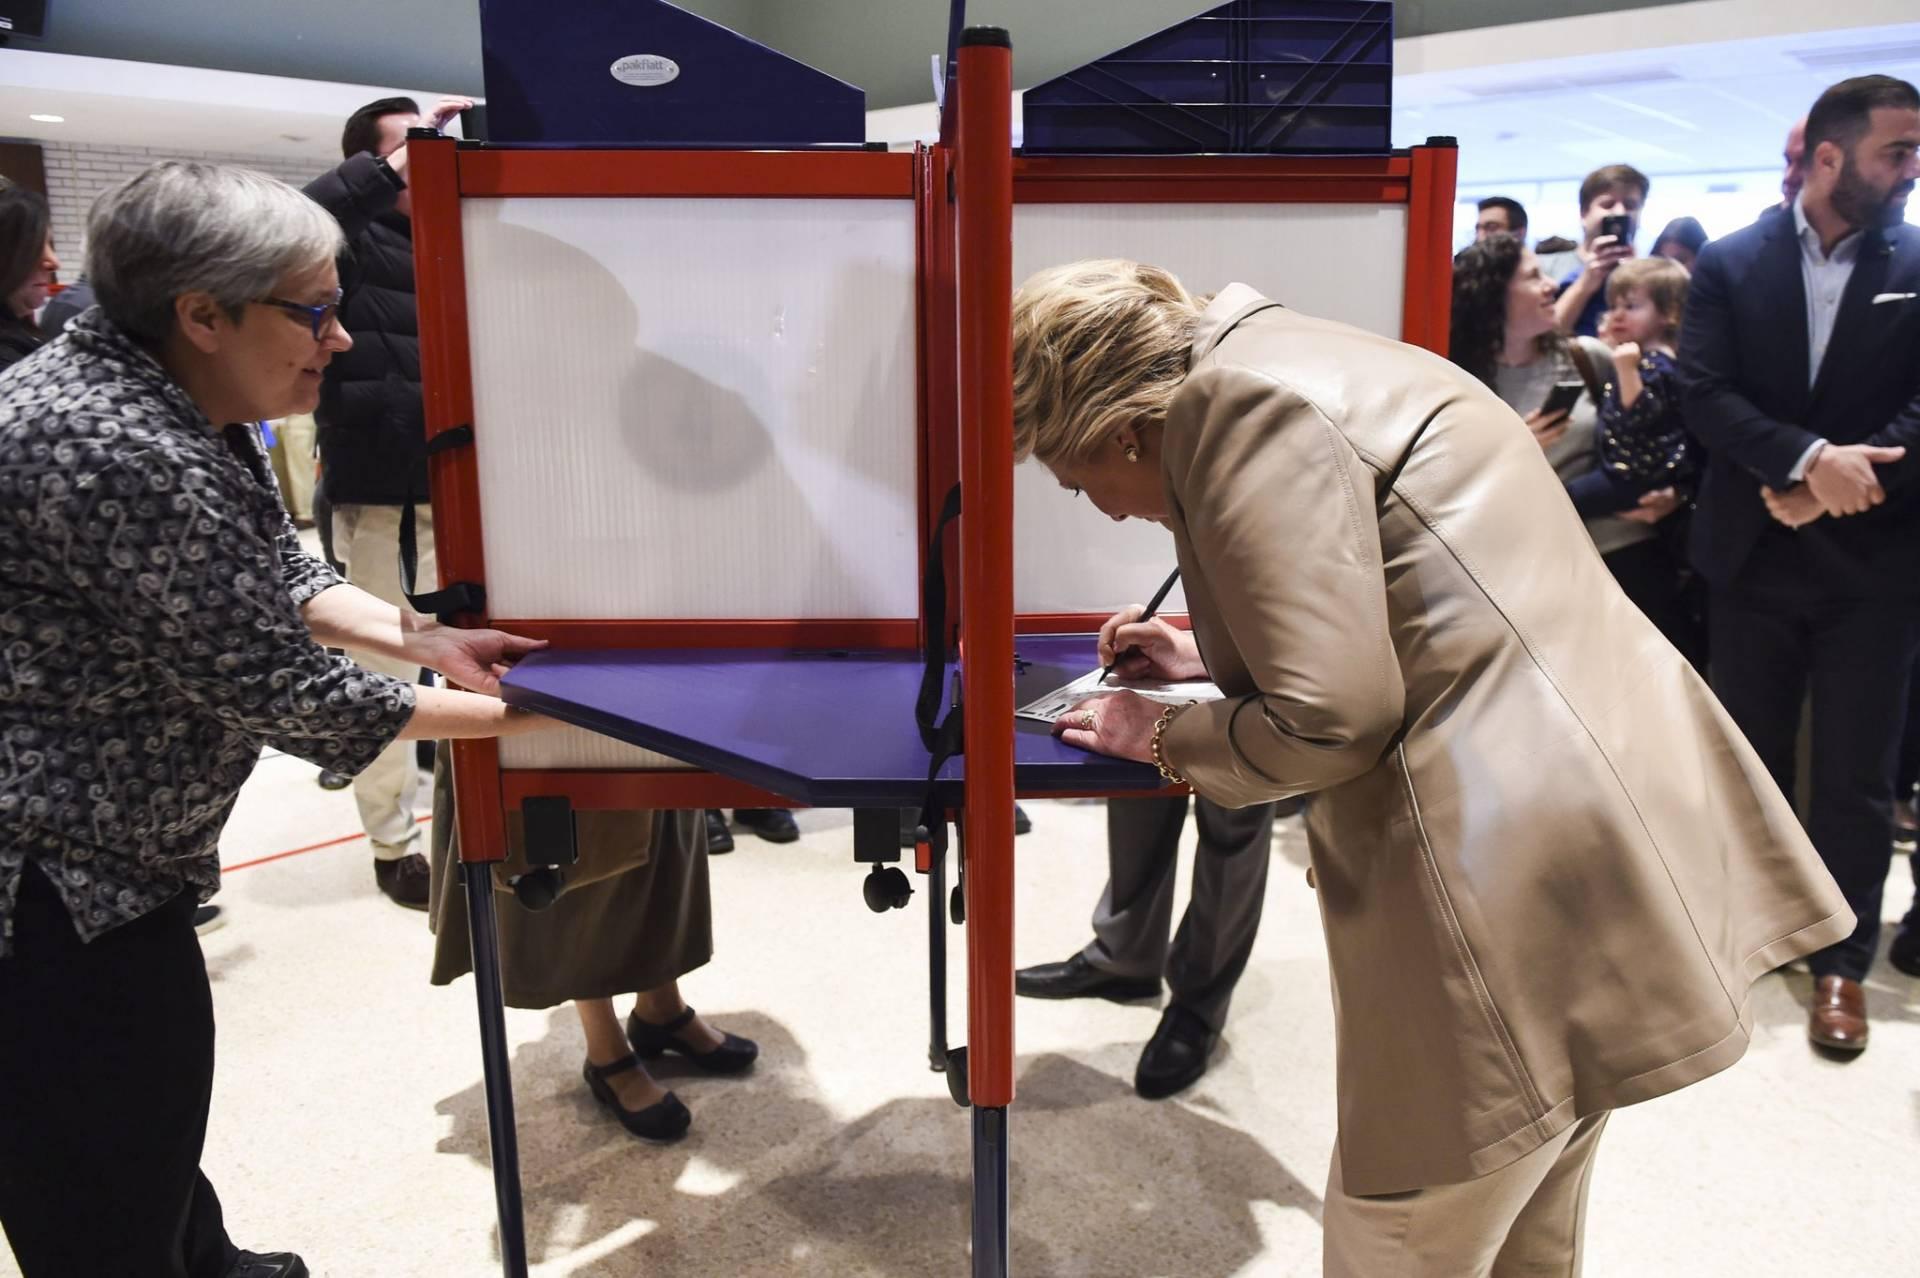 La candidata demócrata, Hillary Clinton, ejerciendo su derecho a voto.